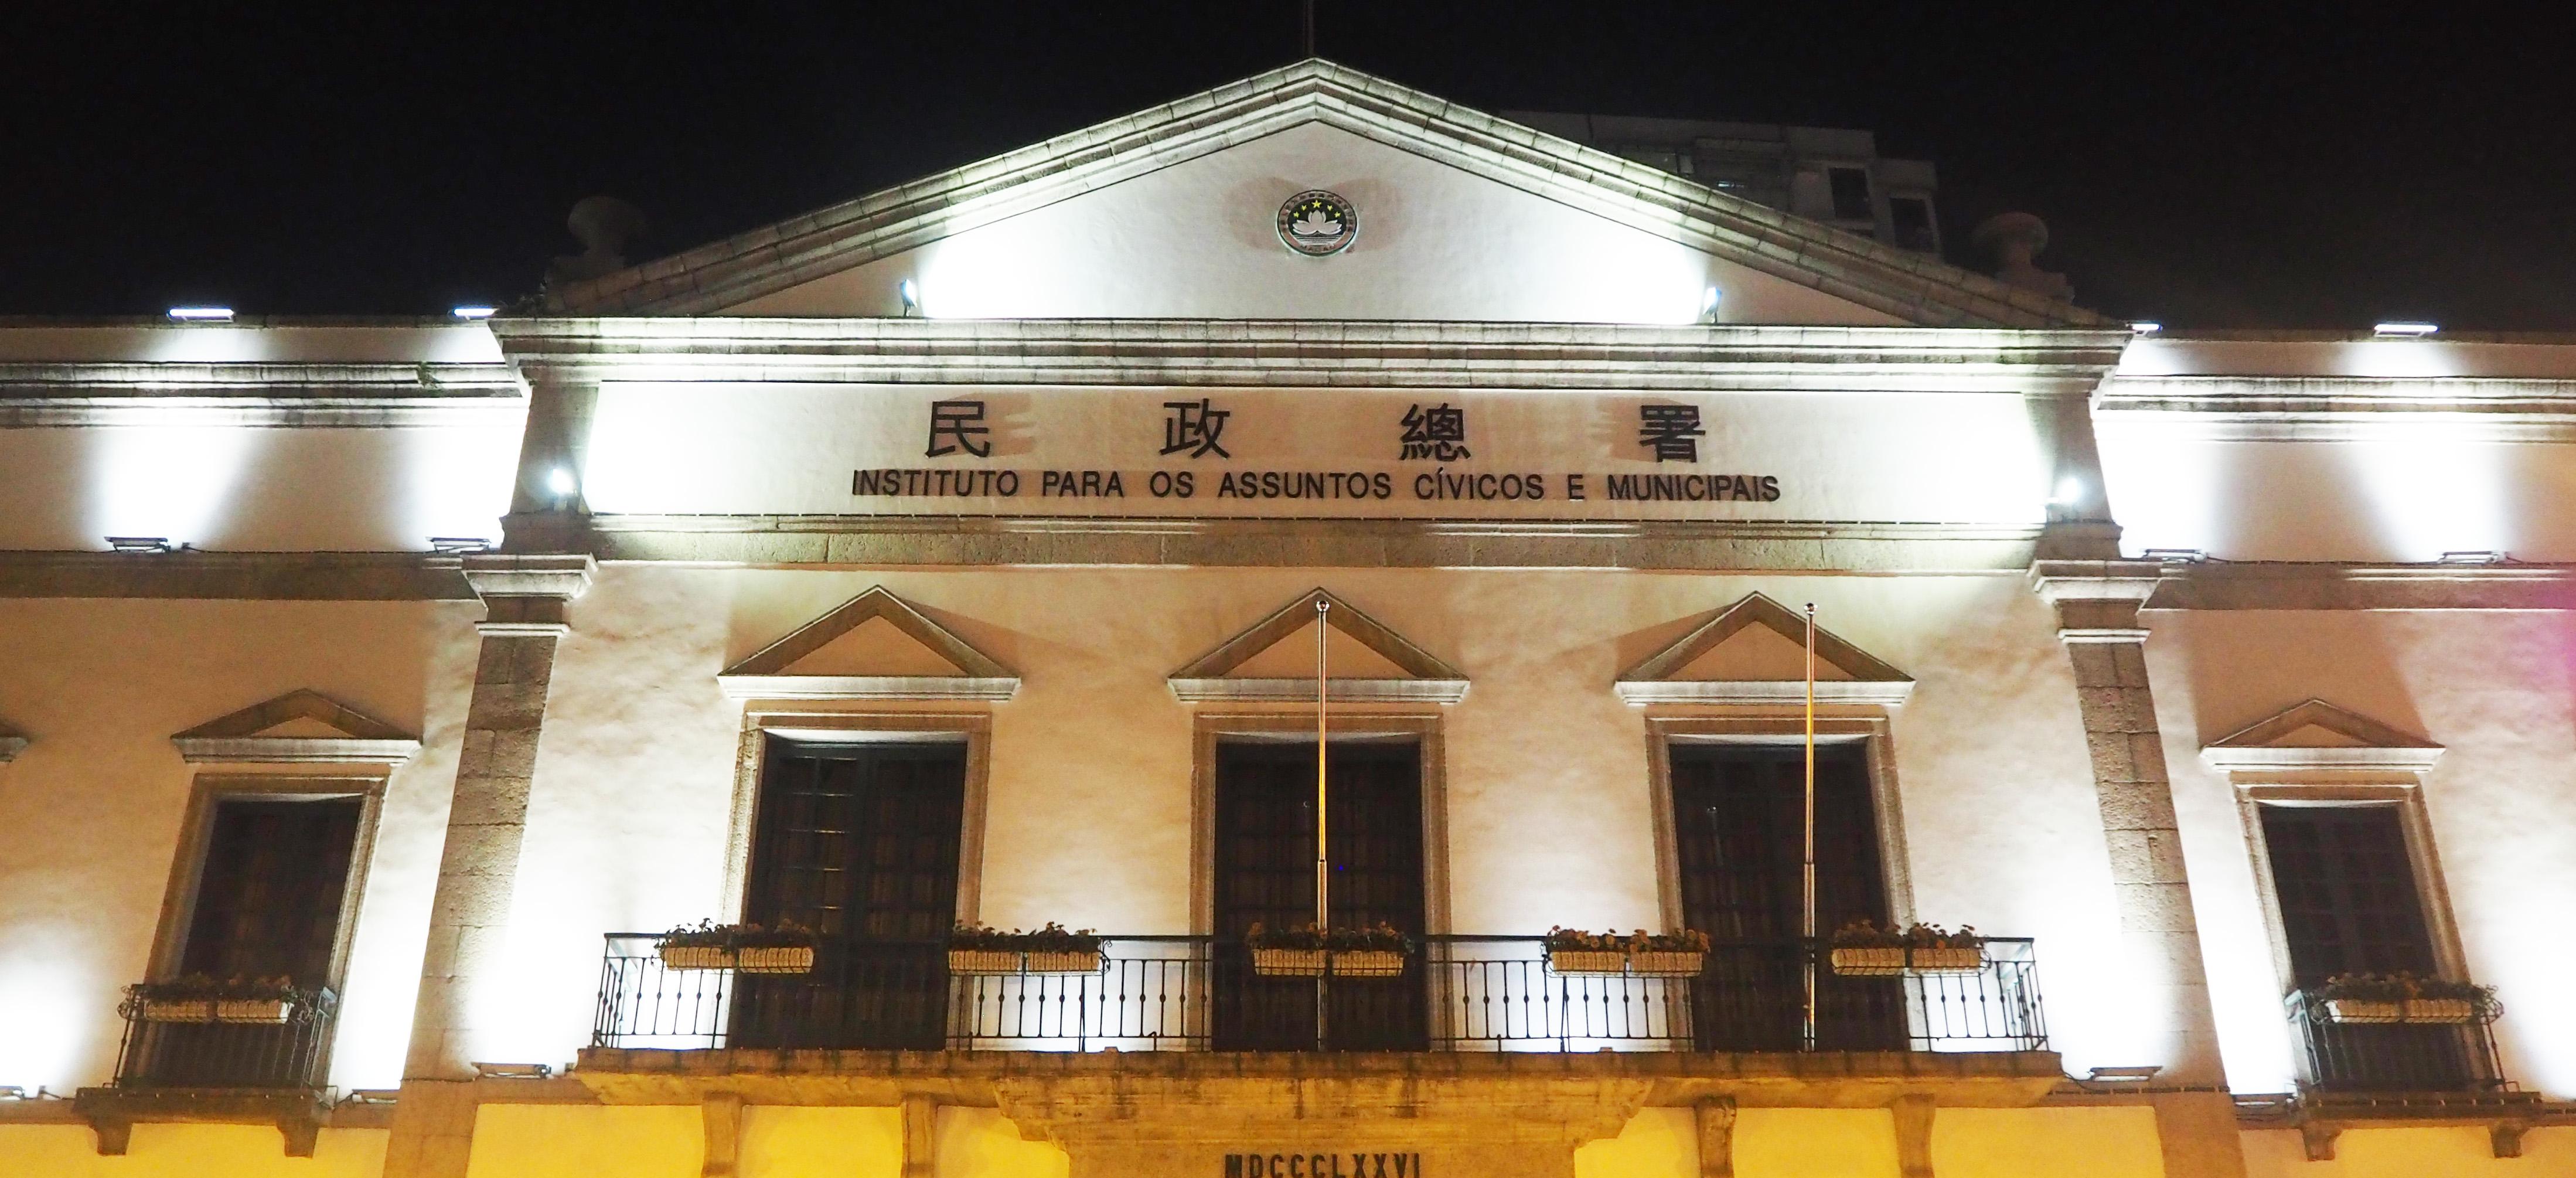 民政总署大楼